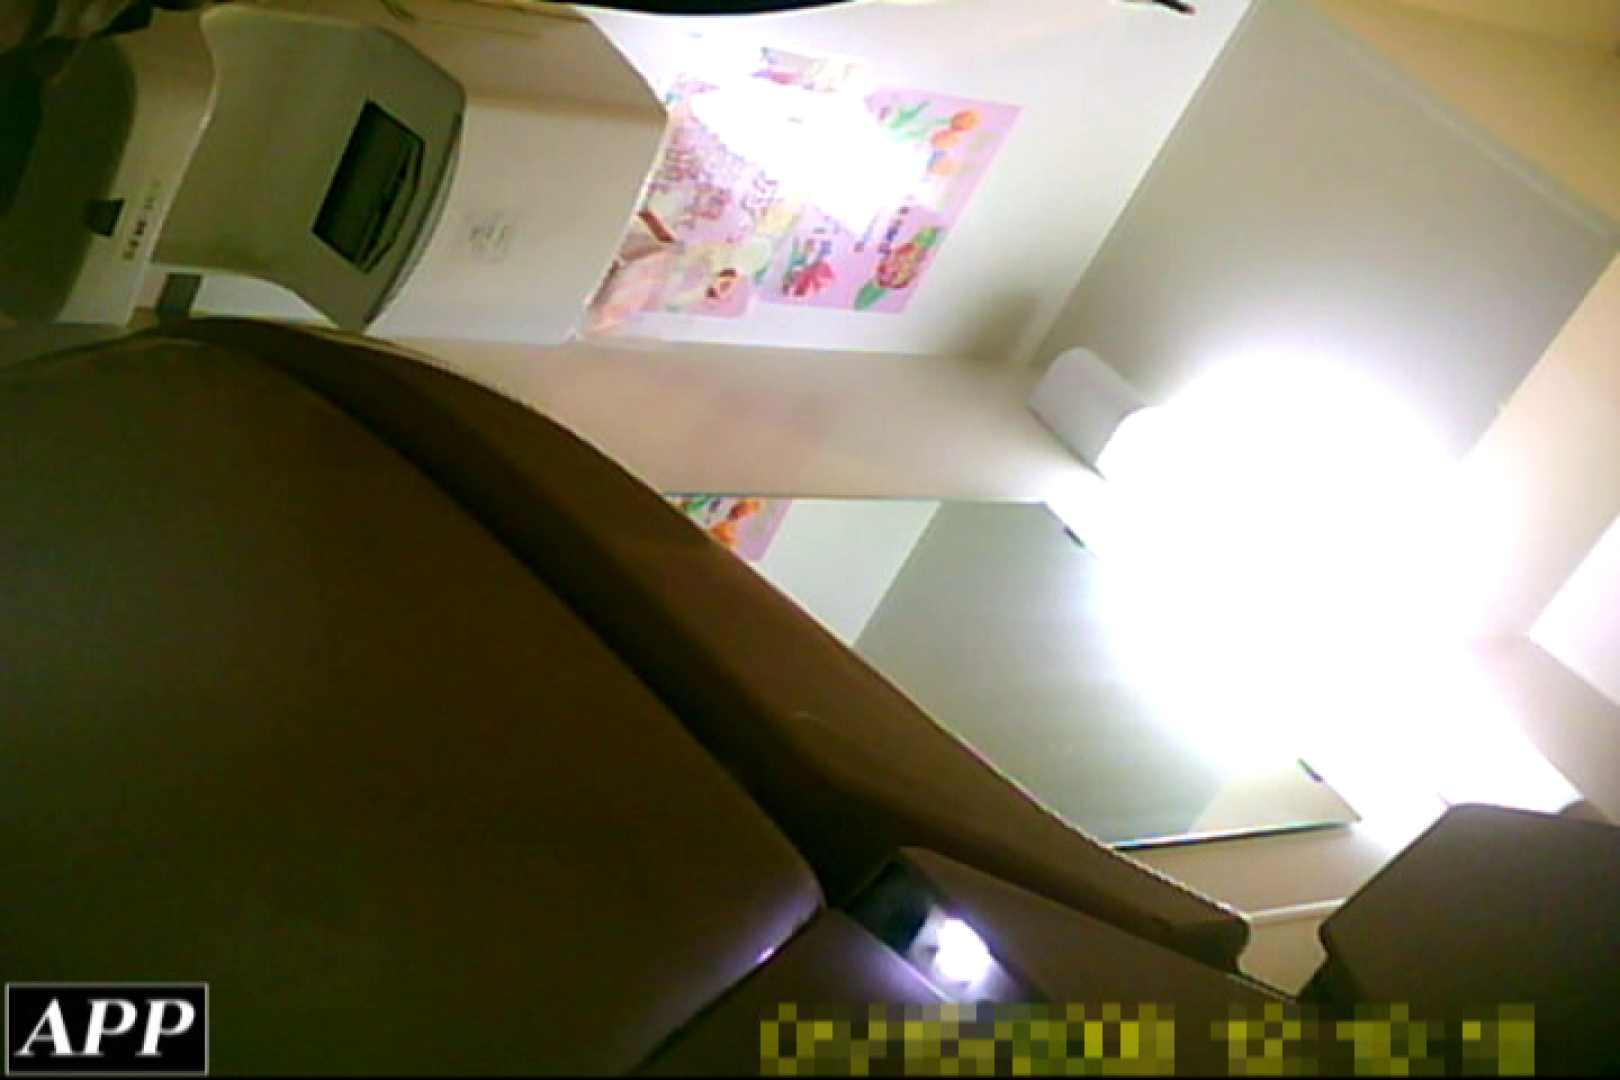 3視点洗面所 vol.126 丸見えマンコ   マンコ  27画像 11